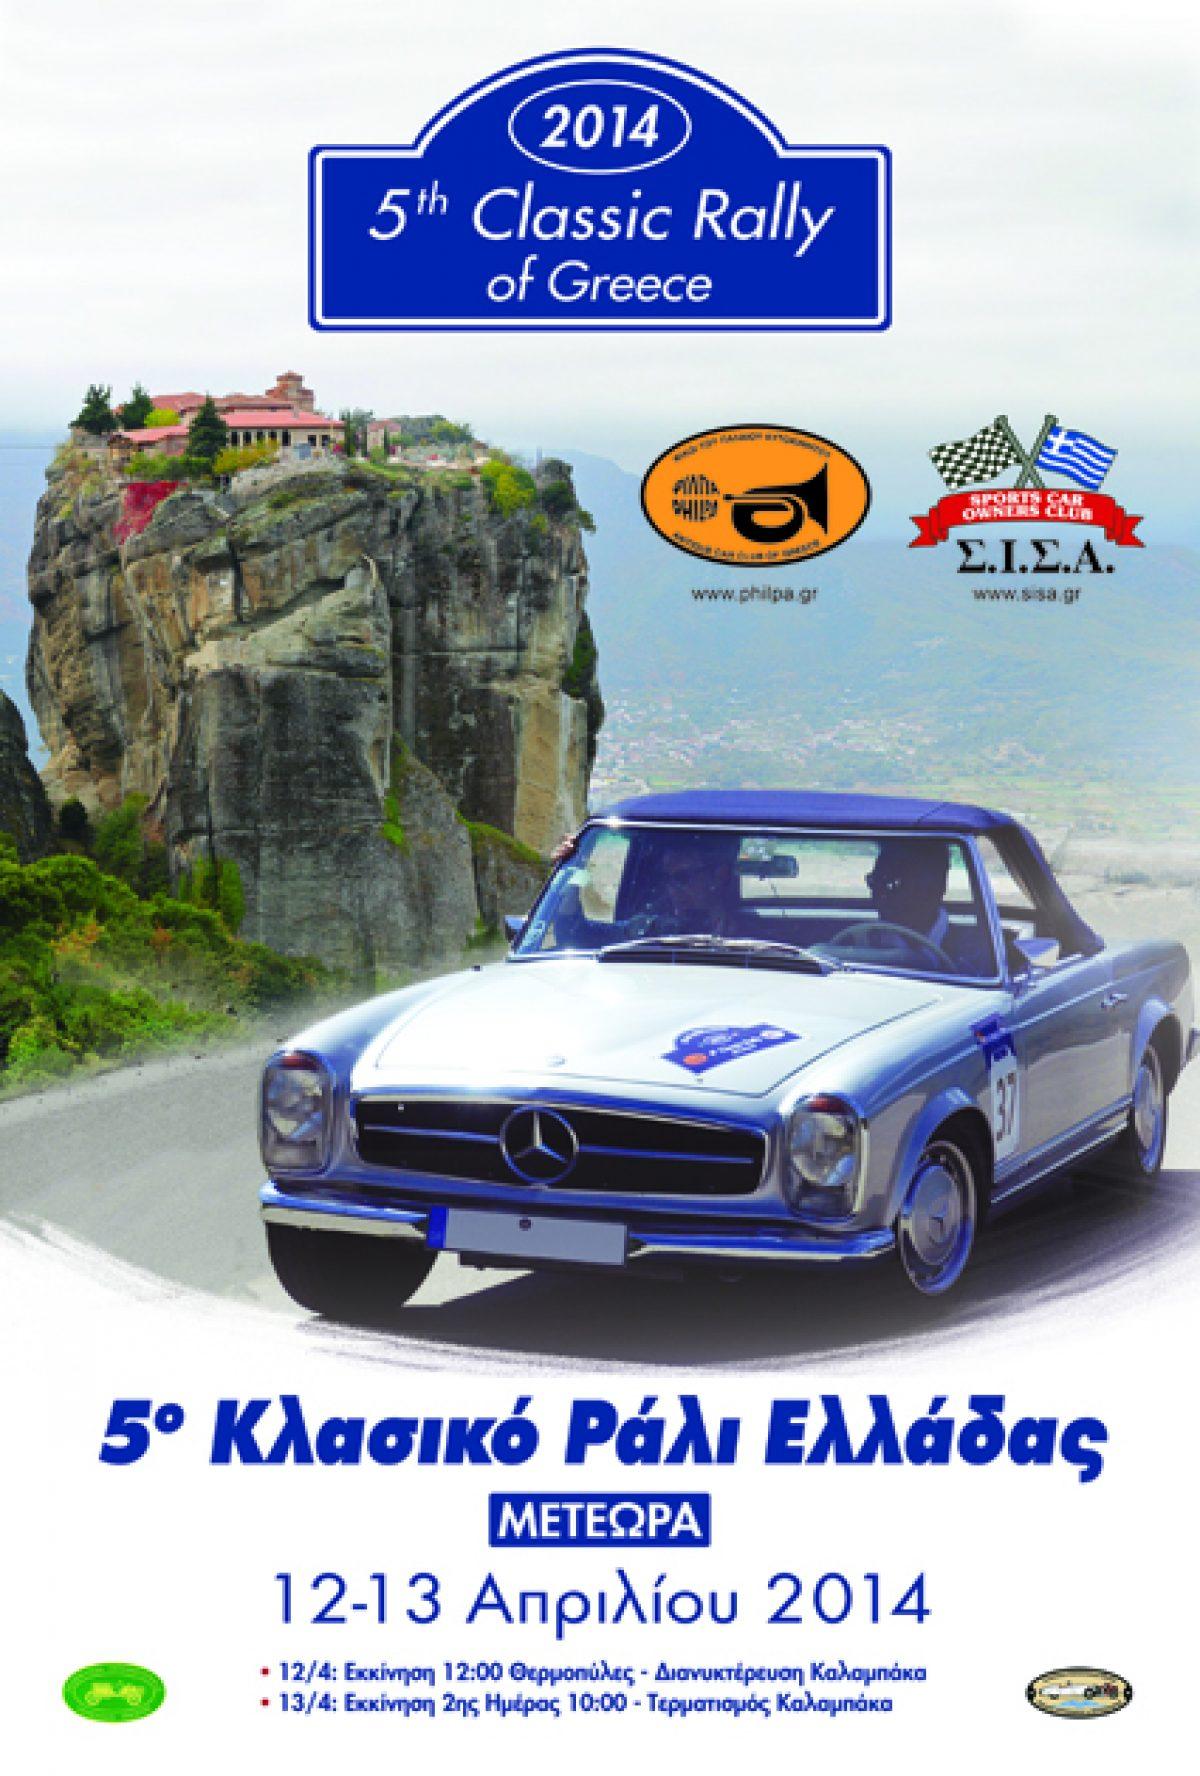 5ο Κλασσικό Ράλλυ Ελλάδας